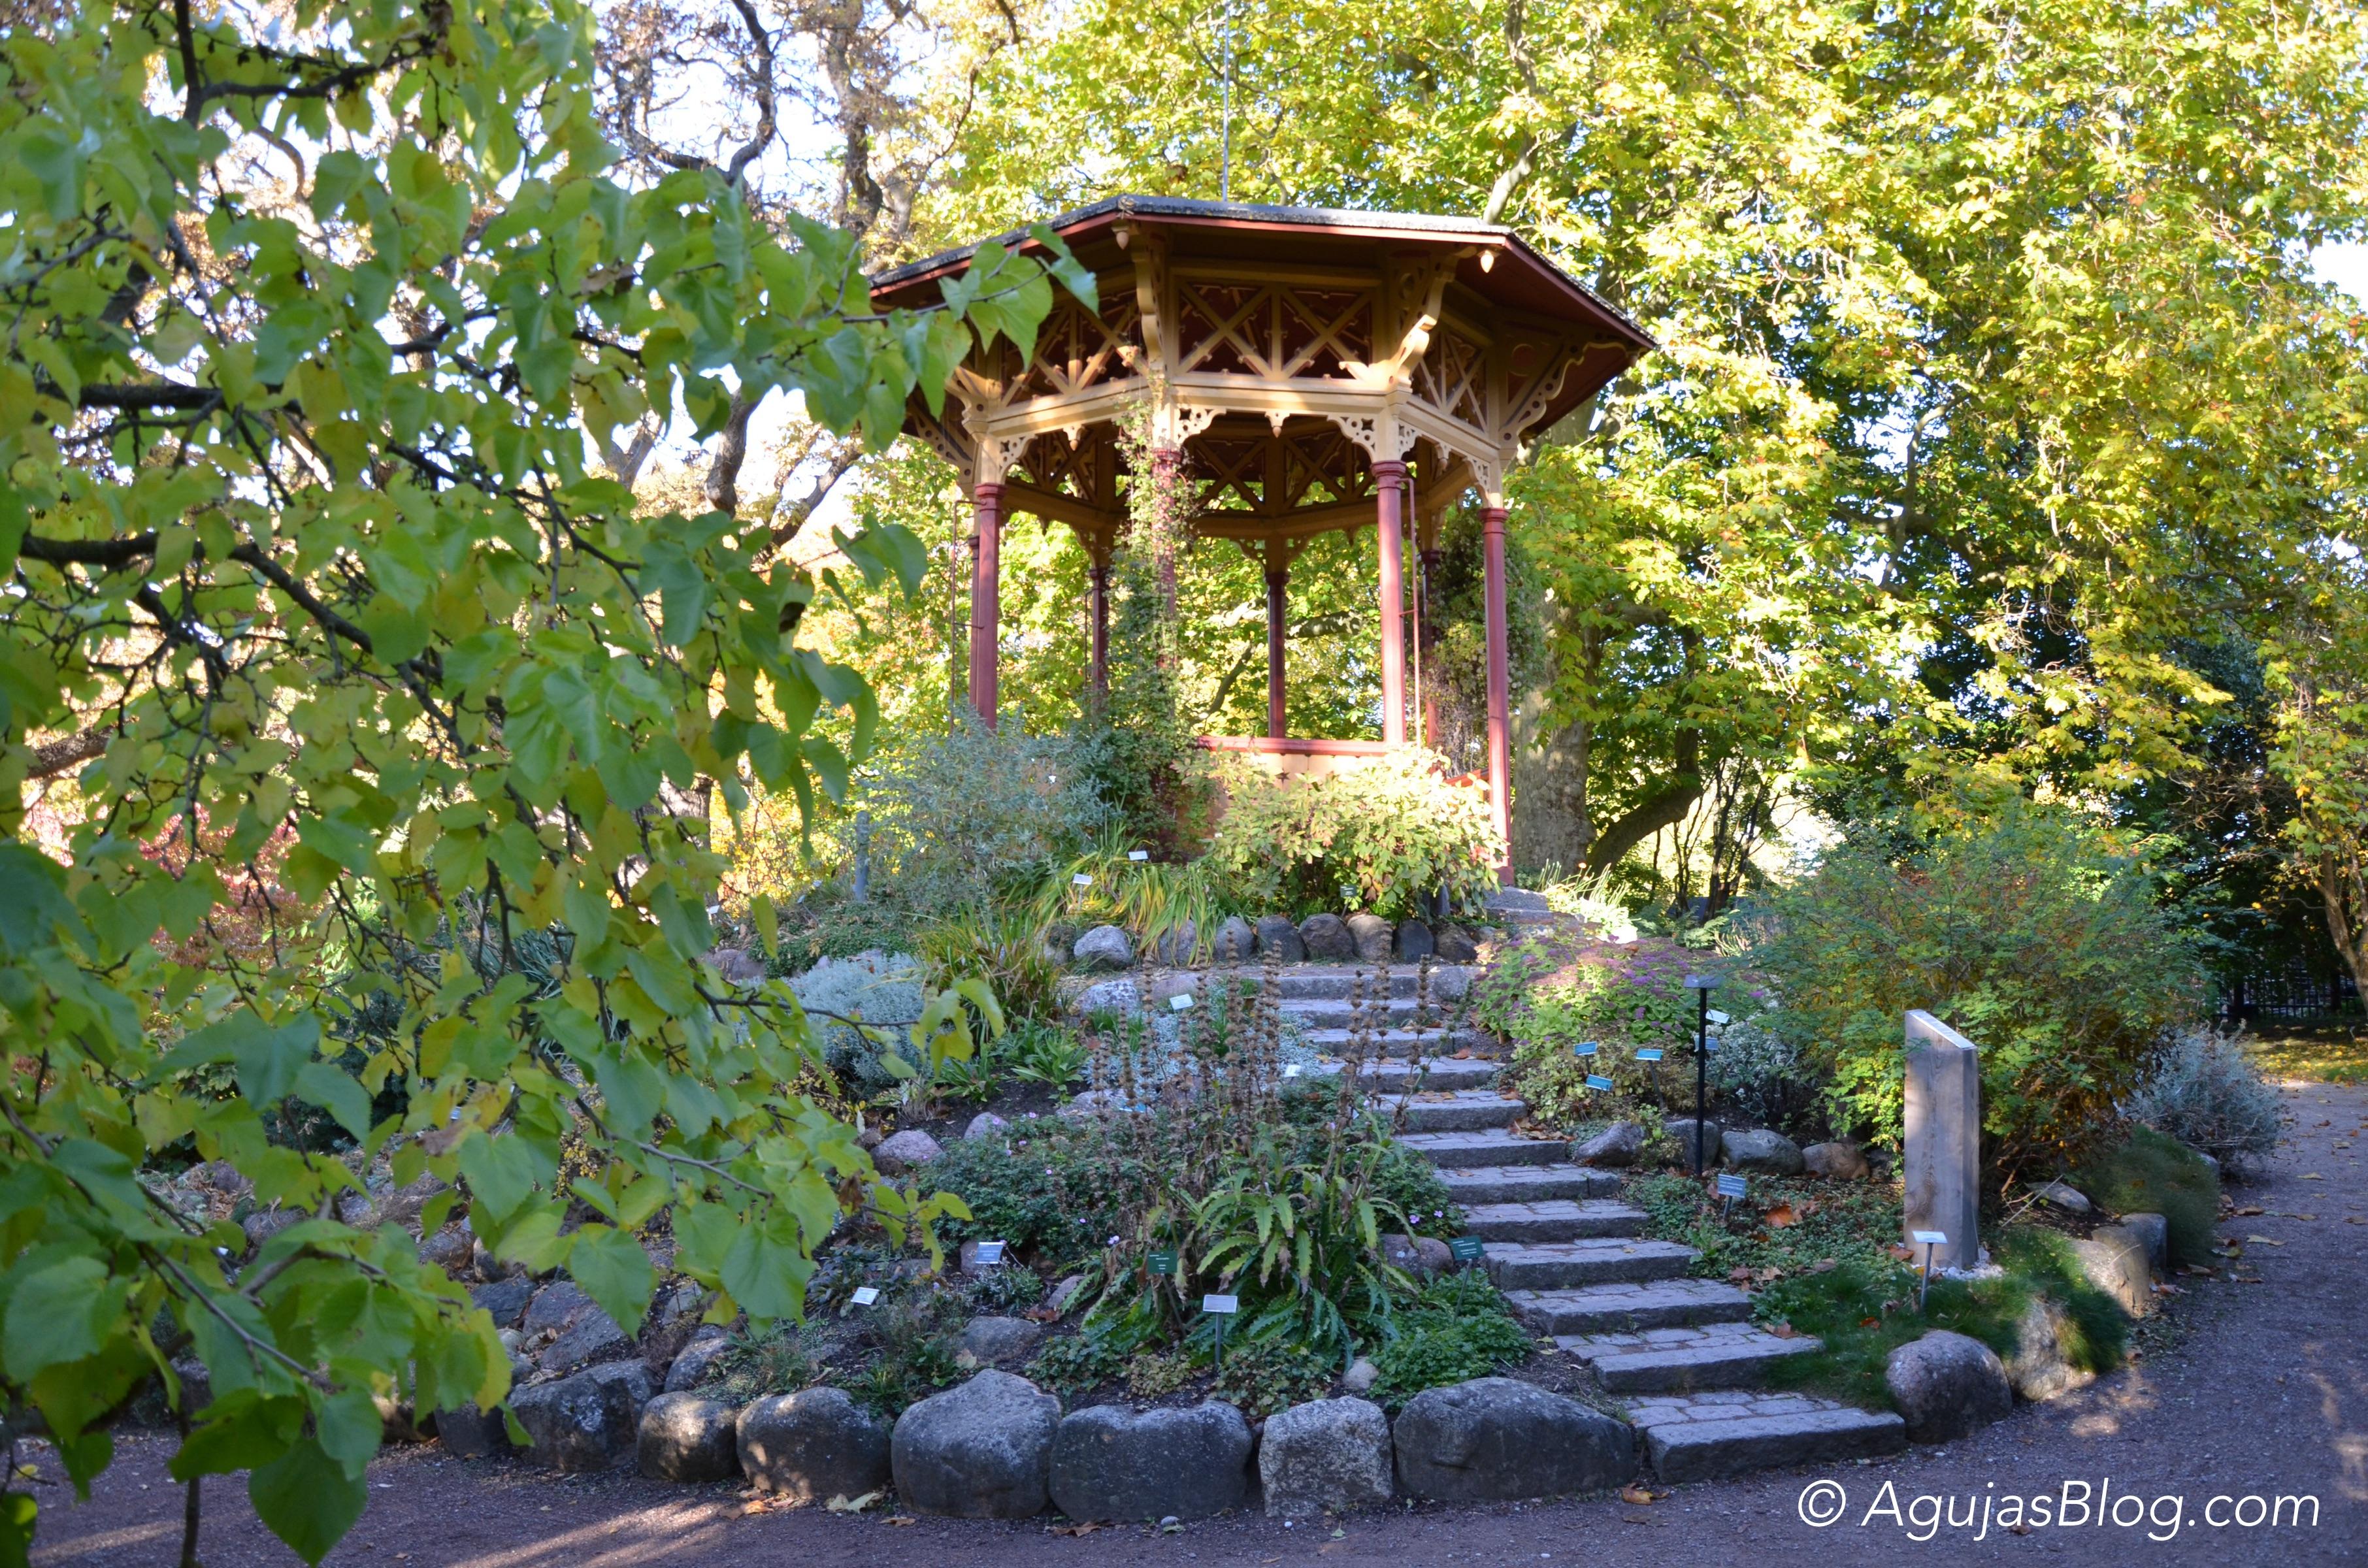 Botanical Gardens - Gazebo